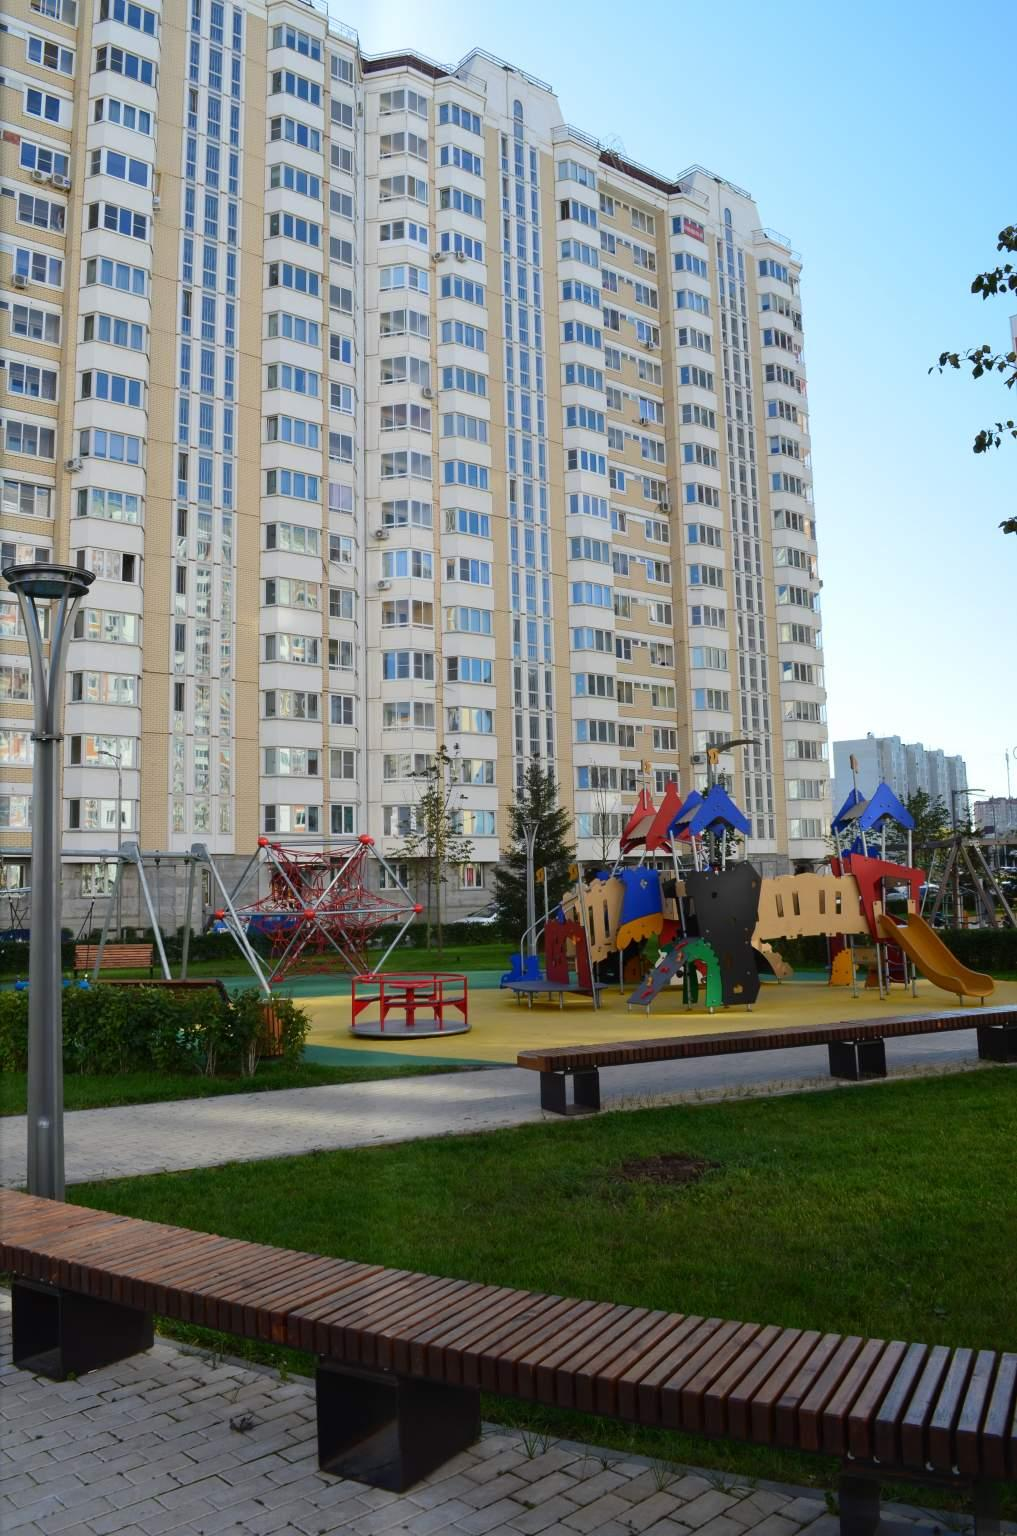 Квартира, 2 комнаты, 64 м² в Московском 89269179500 купить 1